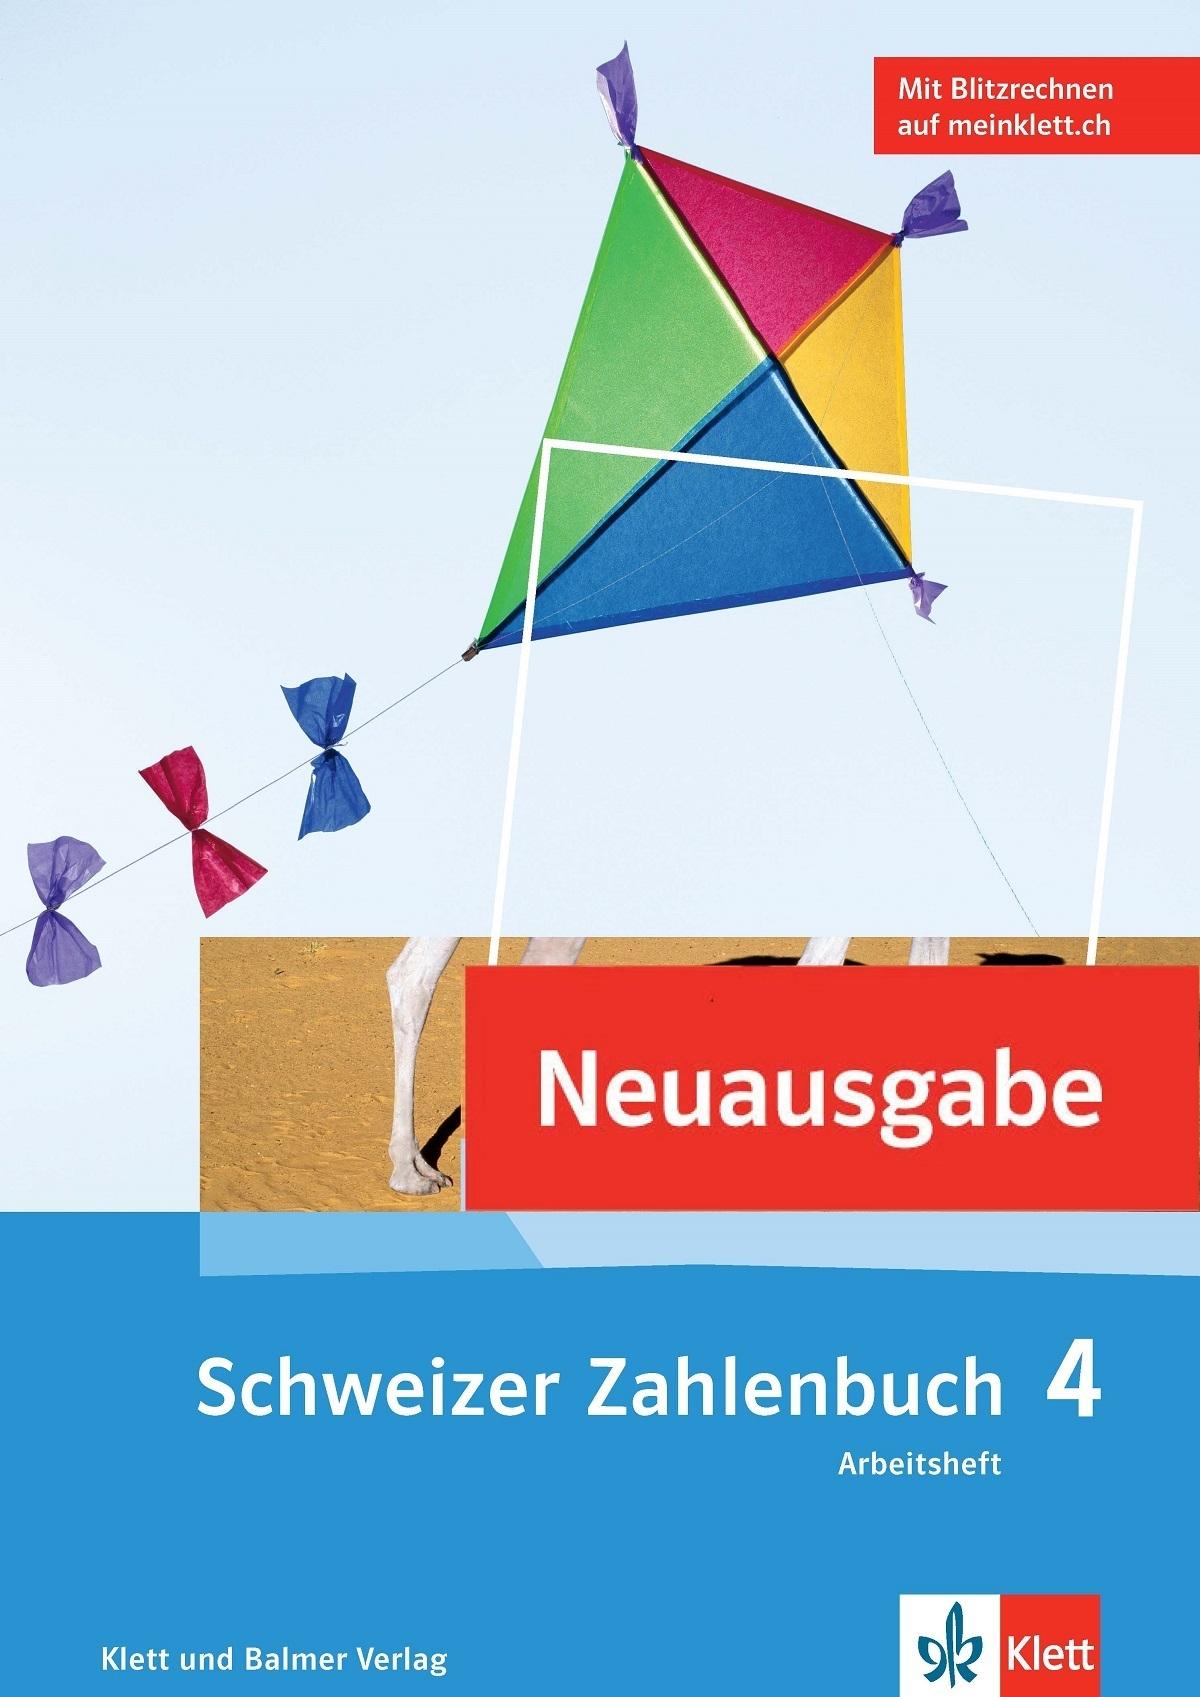 Das schweizer zahlenbuch 4 arbeitsheft 978 3 264 84731 4 klett und balmer